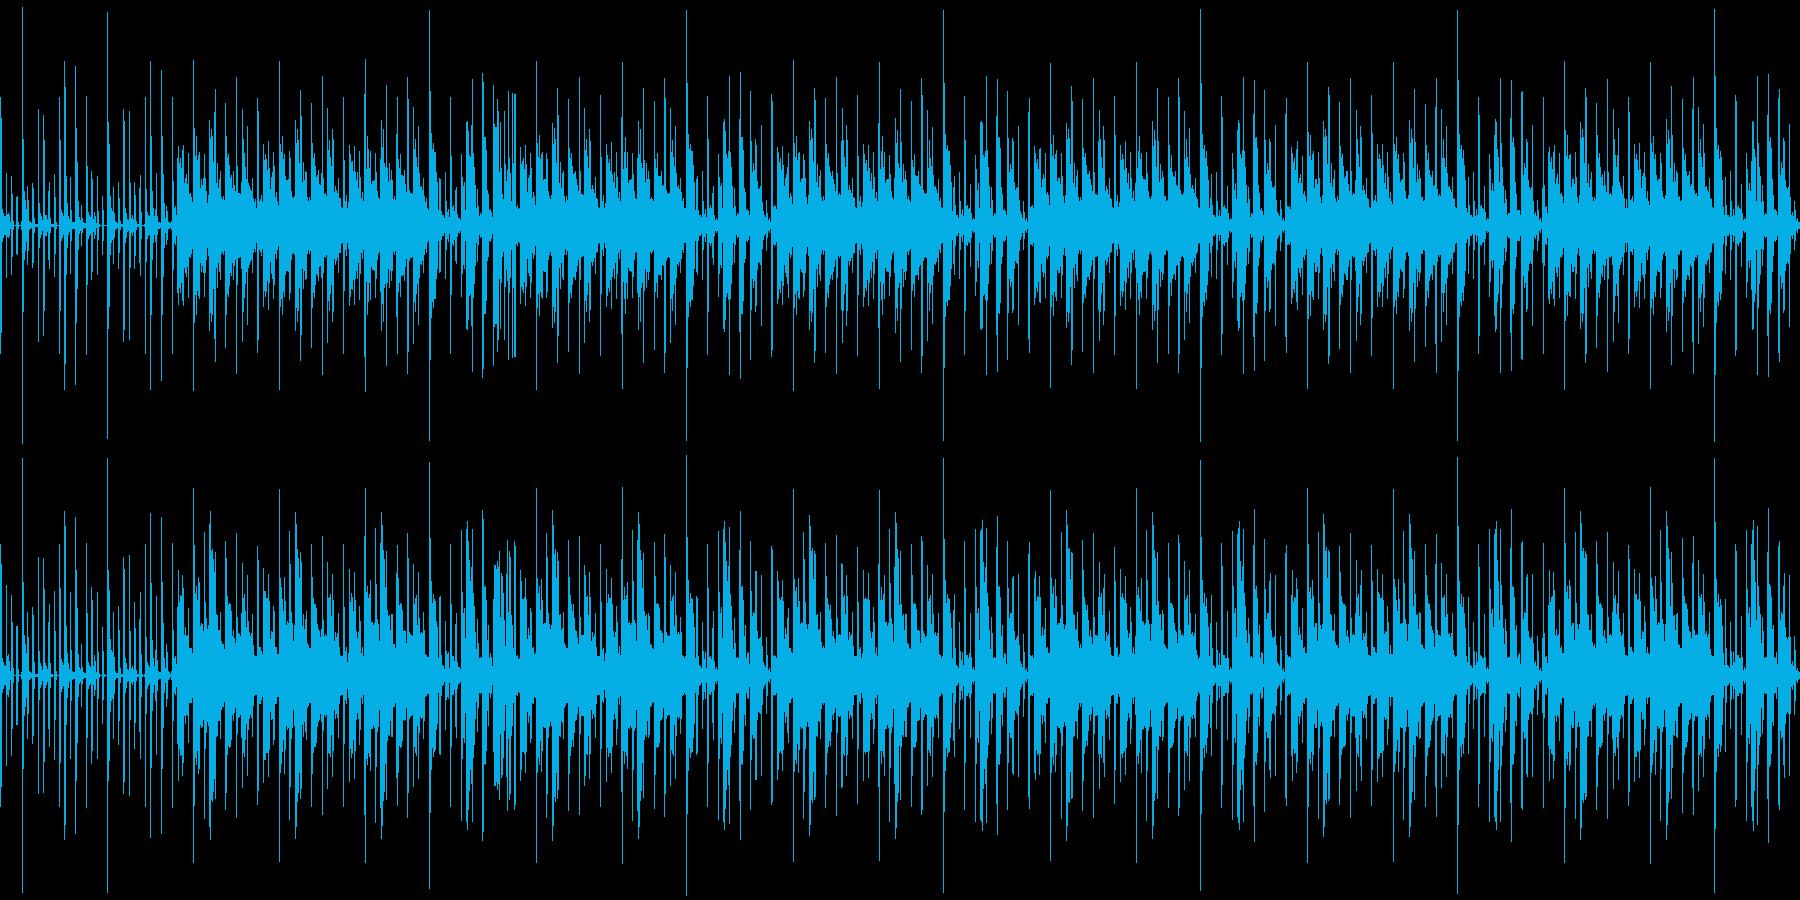 【ダブ・日常系ほのぼのBGM】の再生済みの波形